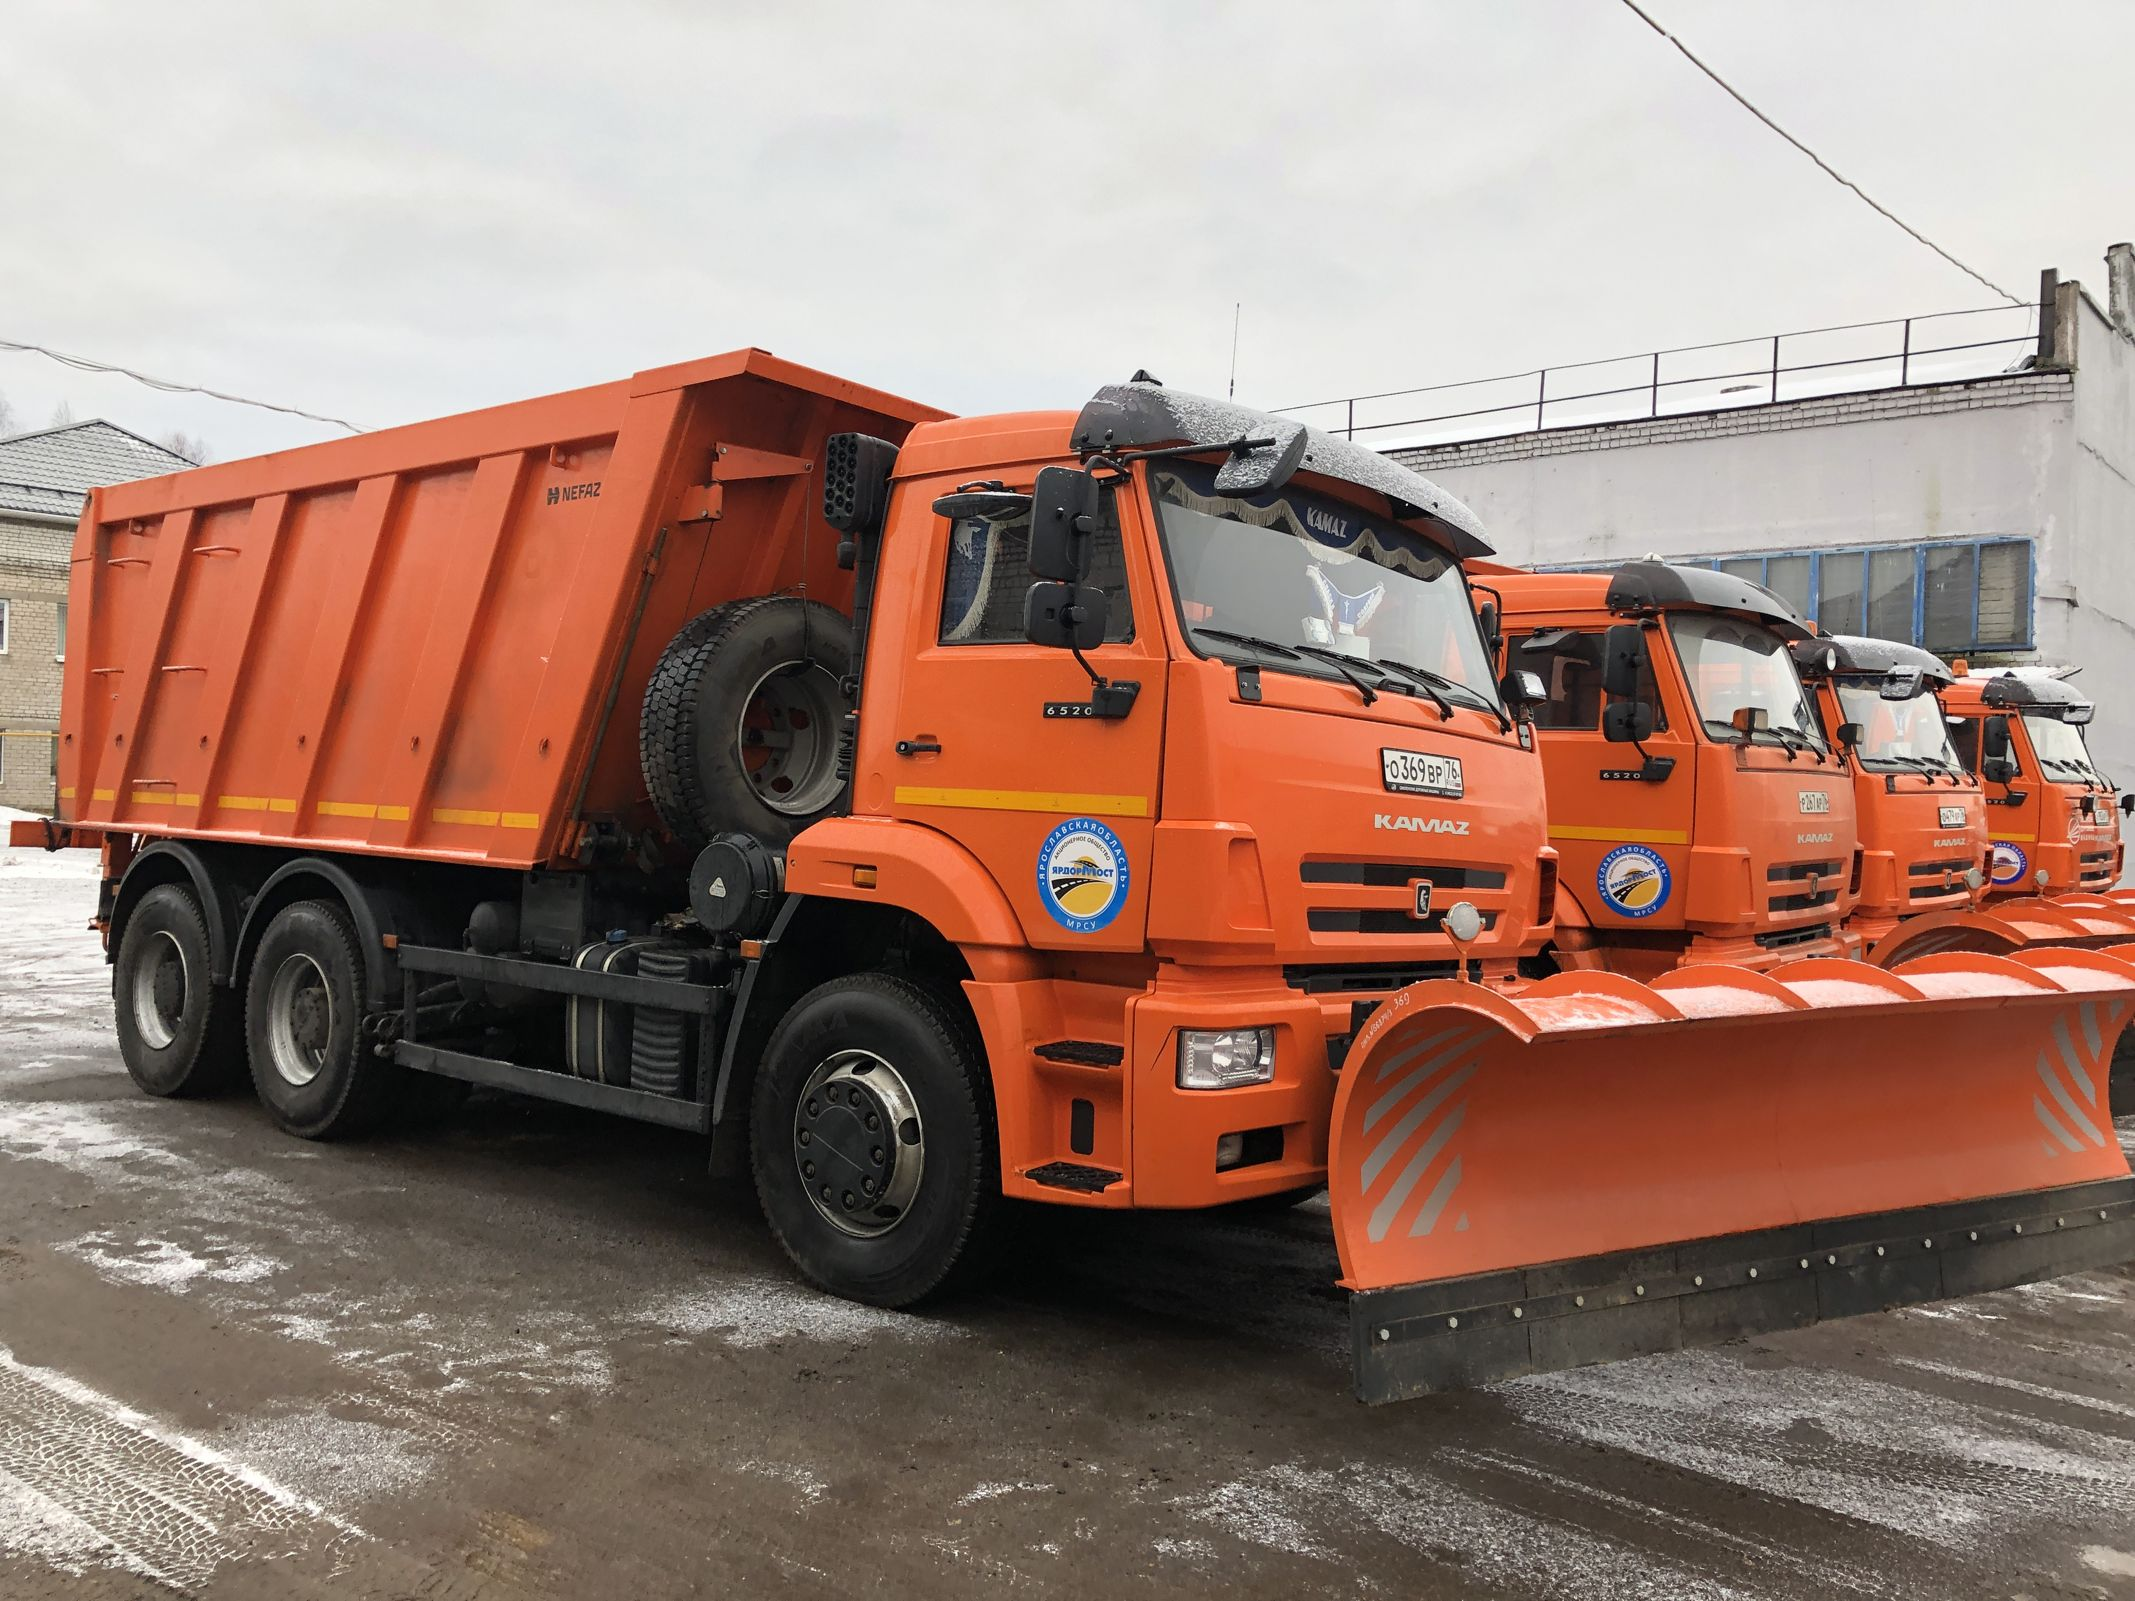 Мэрия Ярославля планирует закупить более 80 единиц техники для зимней уборки дорог